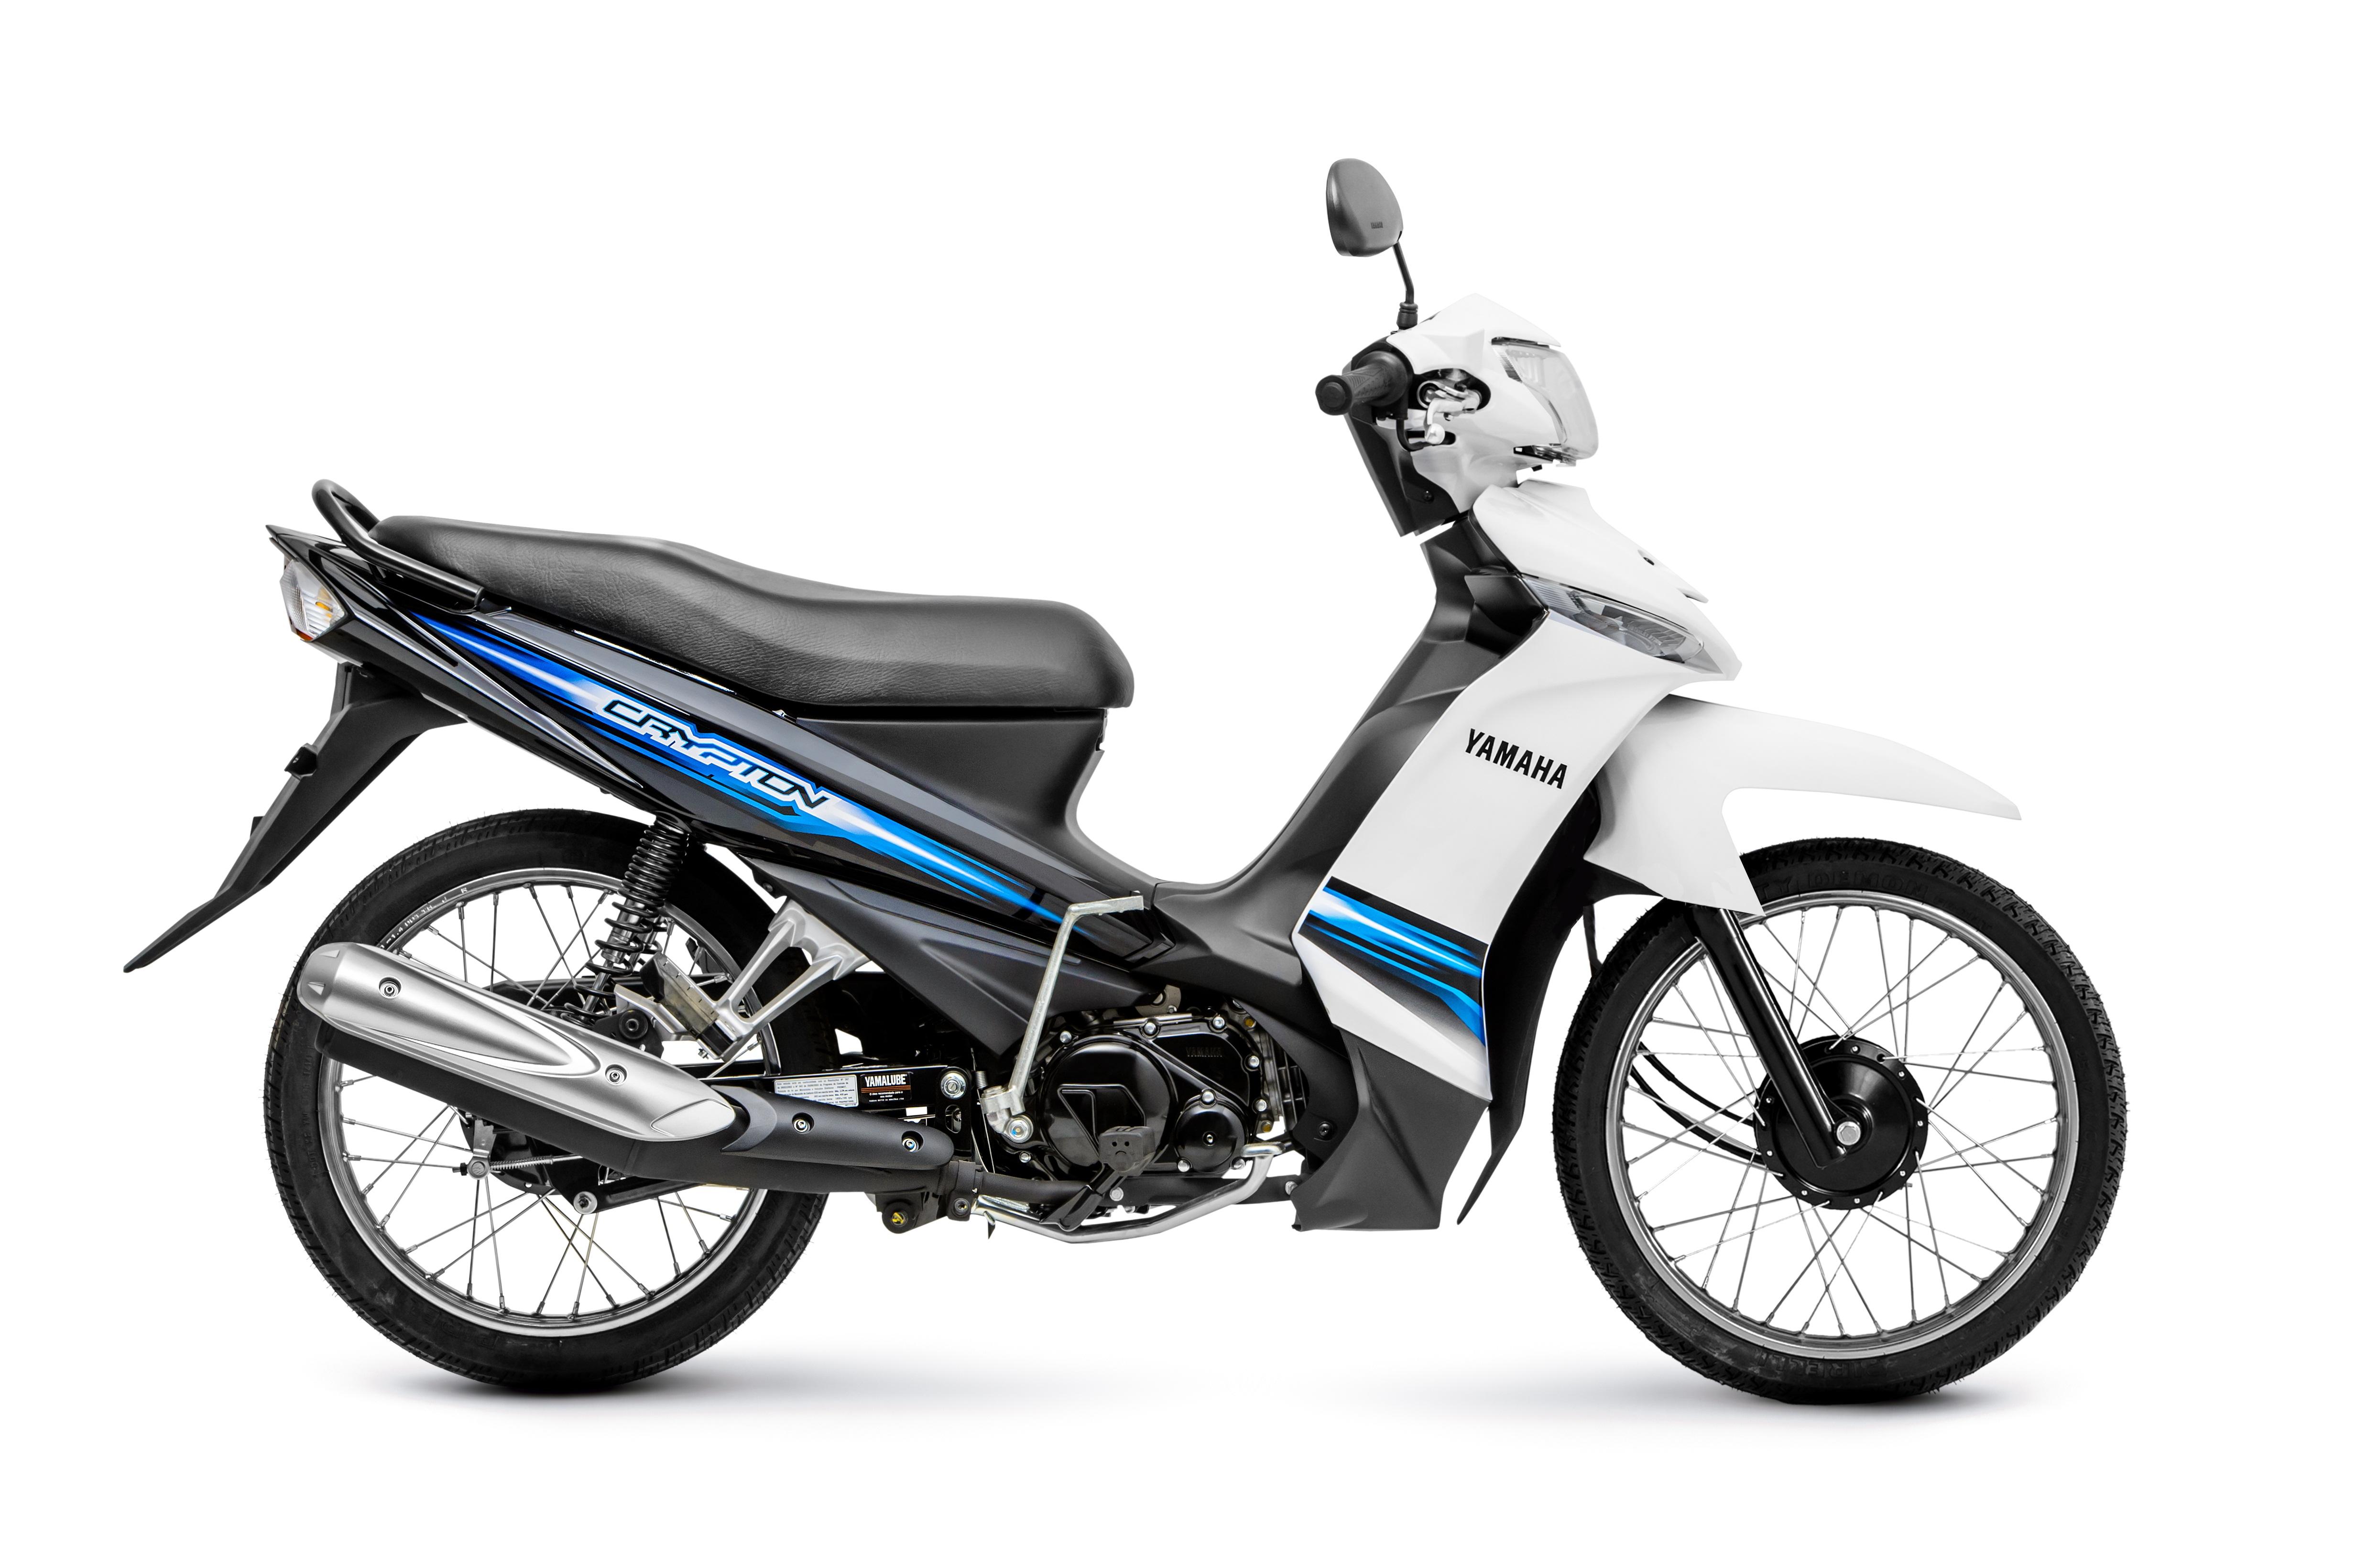 Ficha técnica da Yamaha Cryption K 2010 a 2020